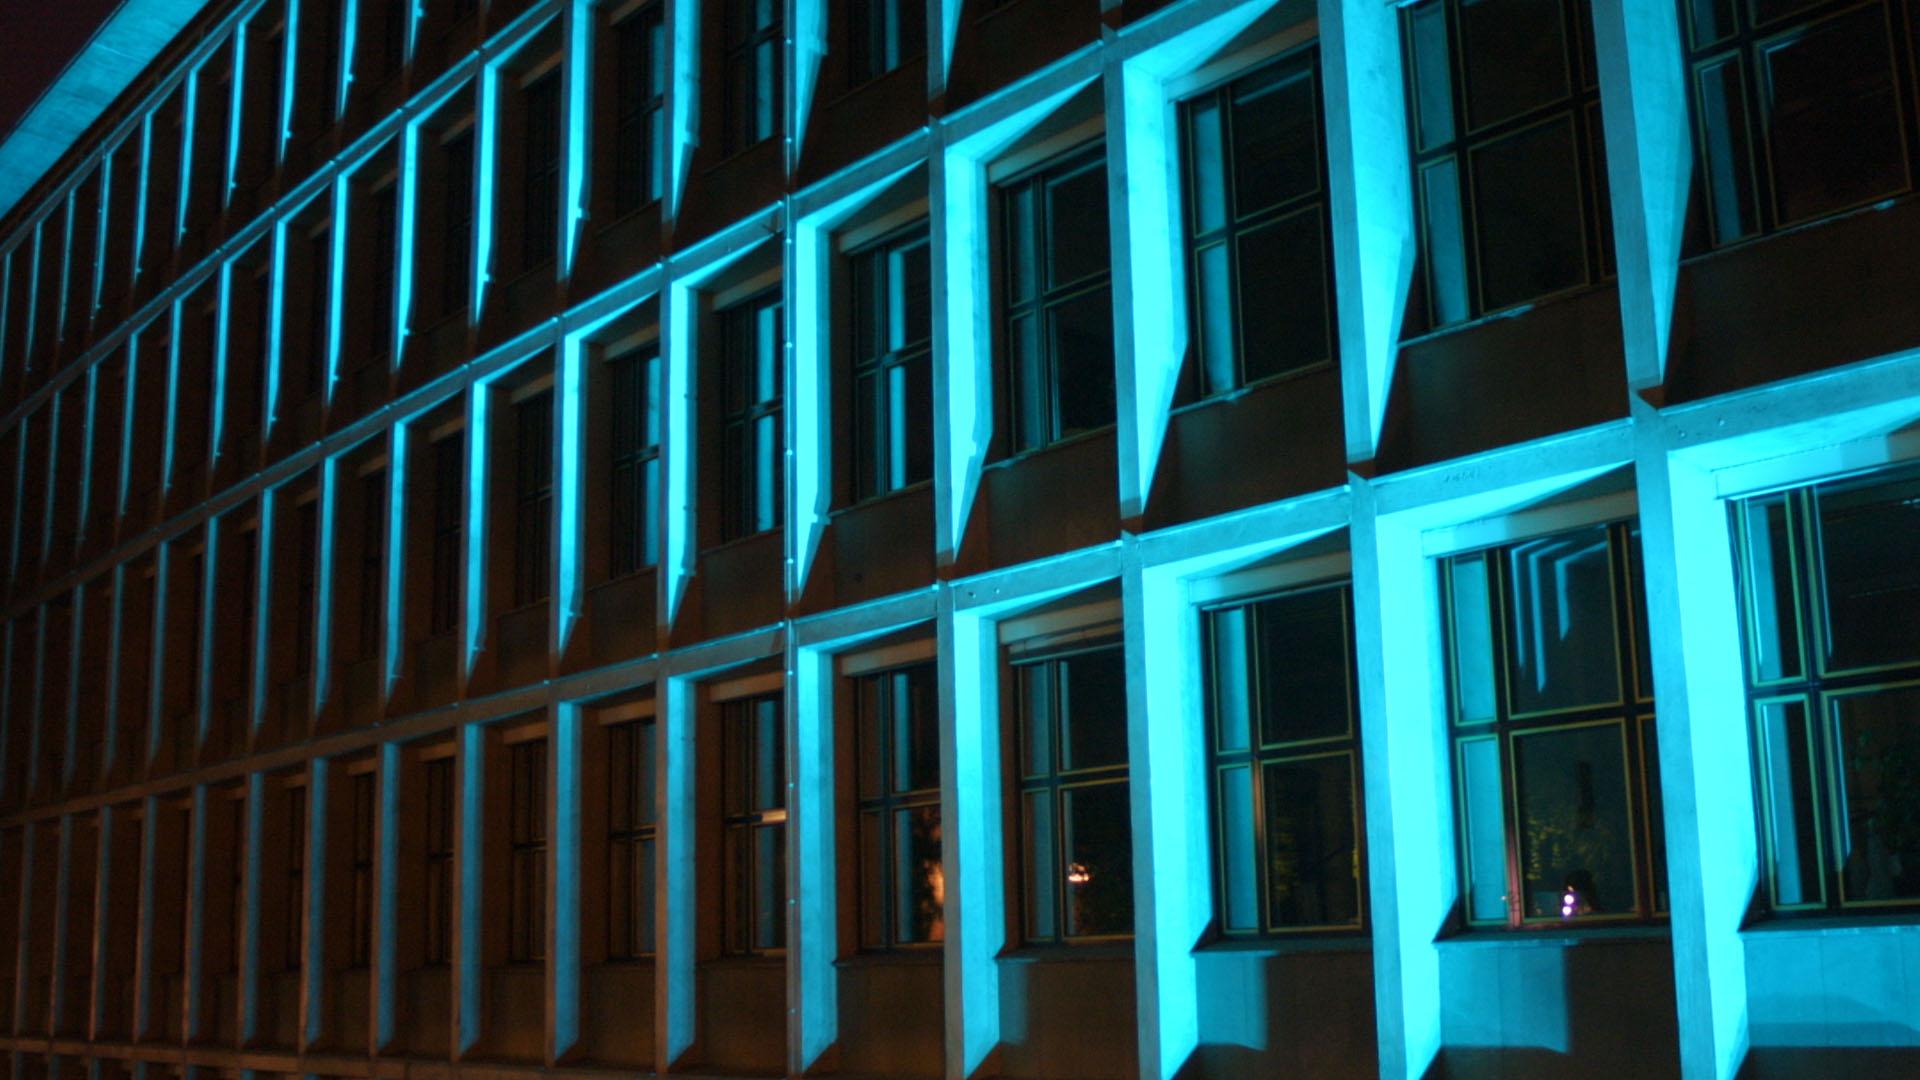 MAASS-Lichtplanung_Temporäre Fassadenbeleuchtung in Hannover__MAASS-MWK-Hannover-003